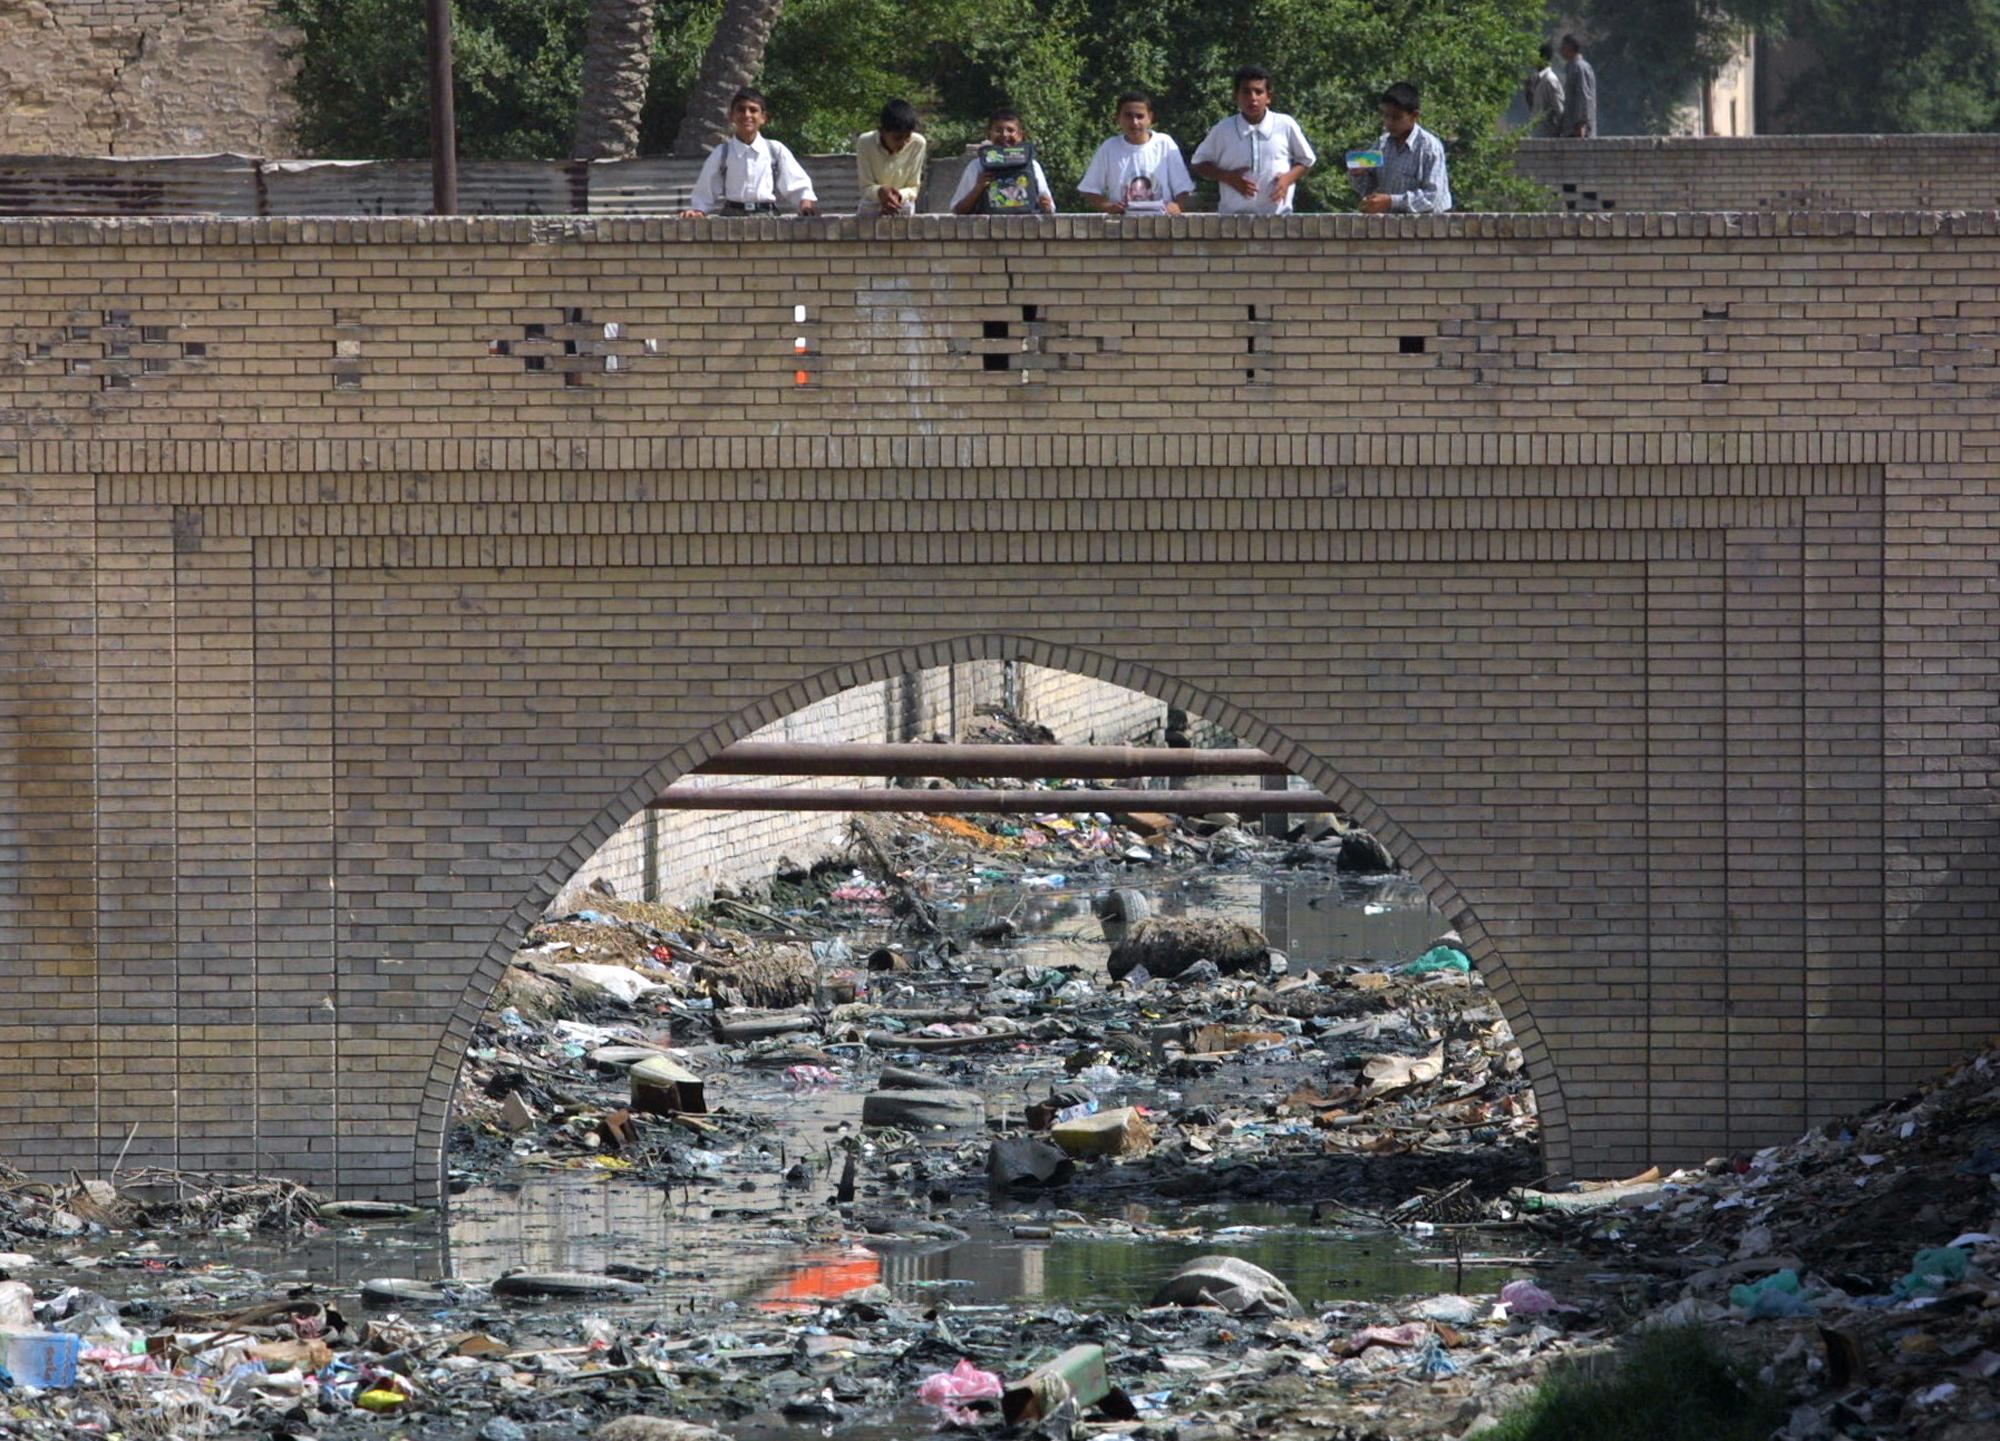 صورة تظهر حجم تلوث نهر العشار بالبصرة تعود لعام 2002